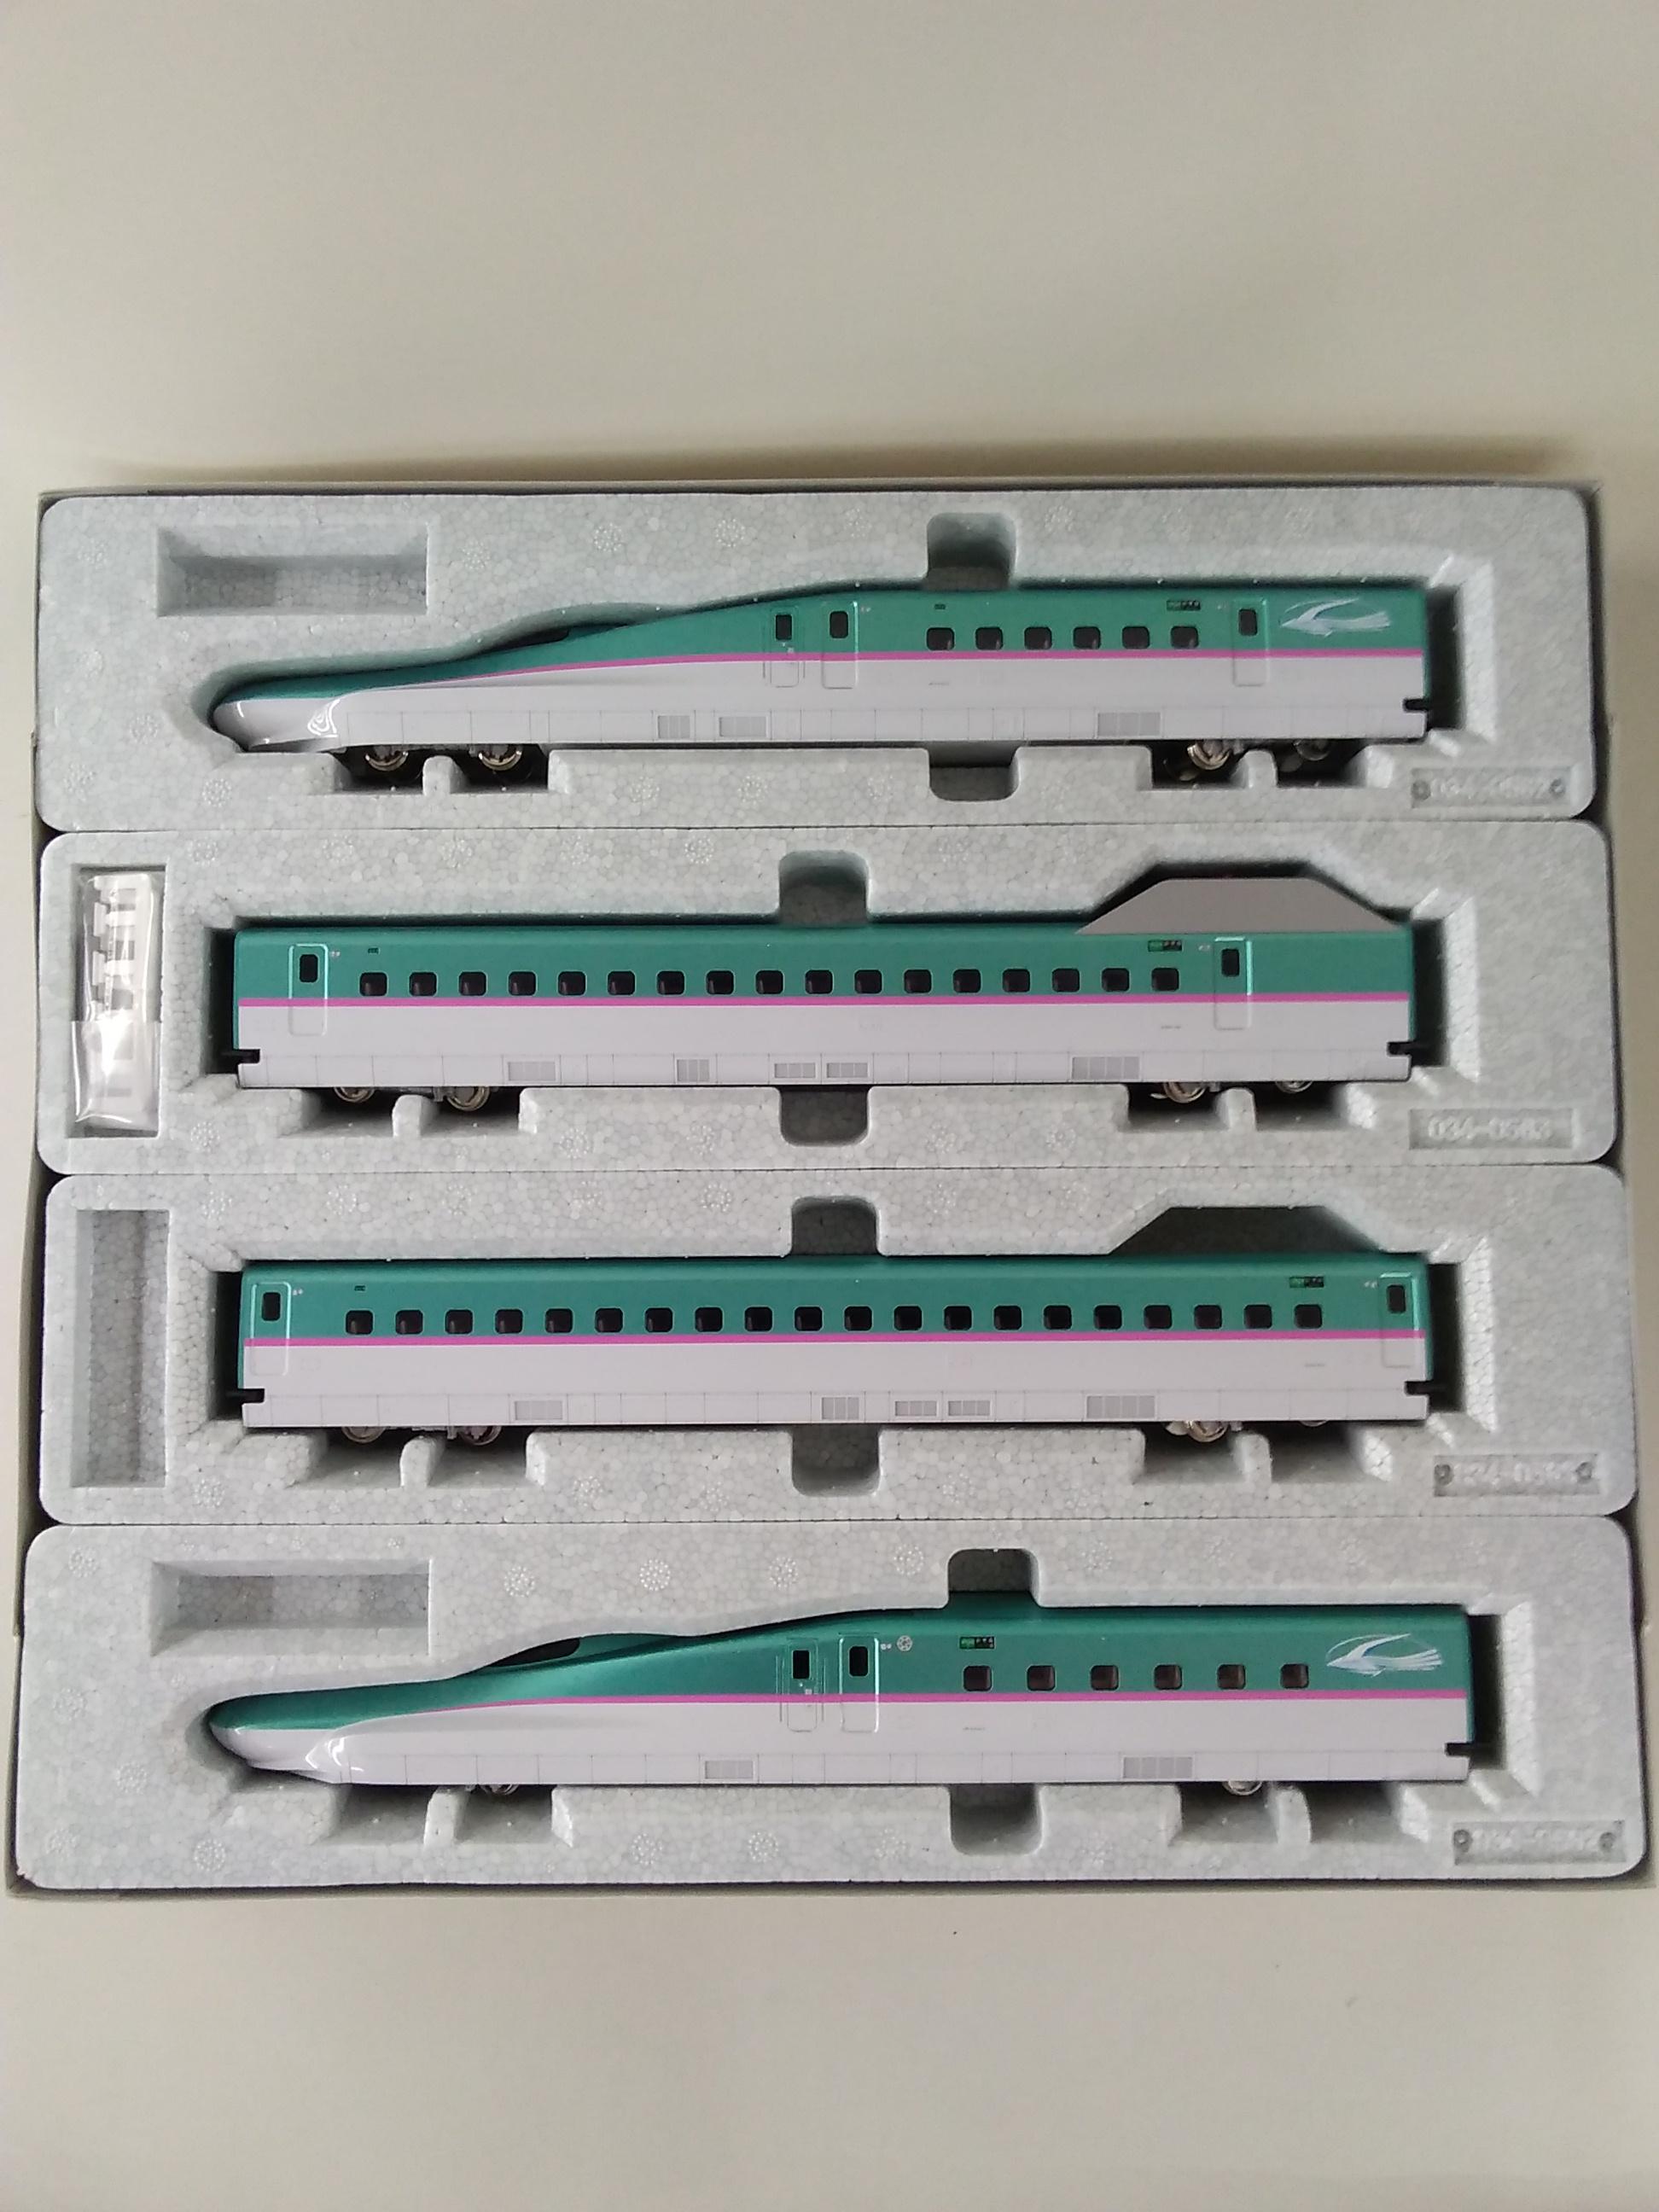 HOゲージ 3-516 E5系 新幹線 はやぶさ 基本 4両|KATO